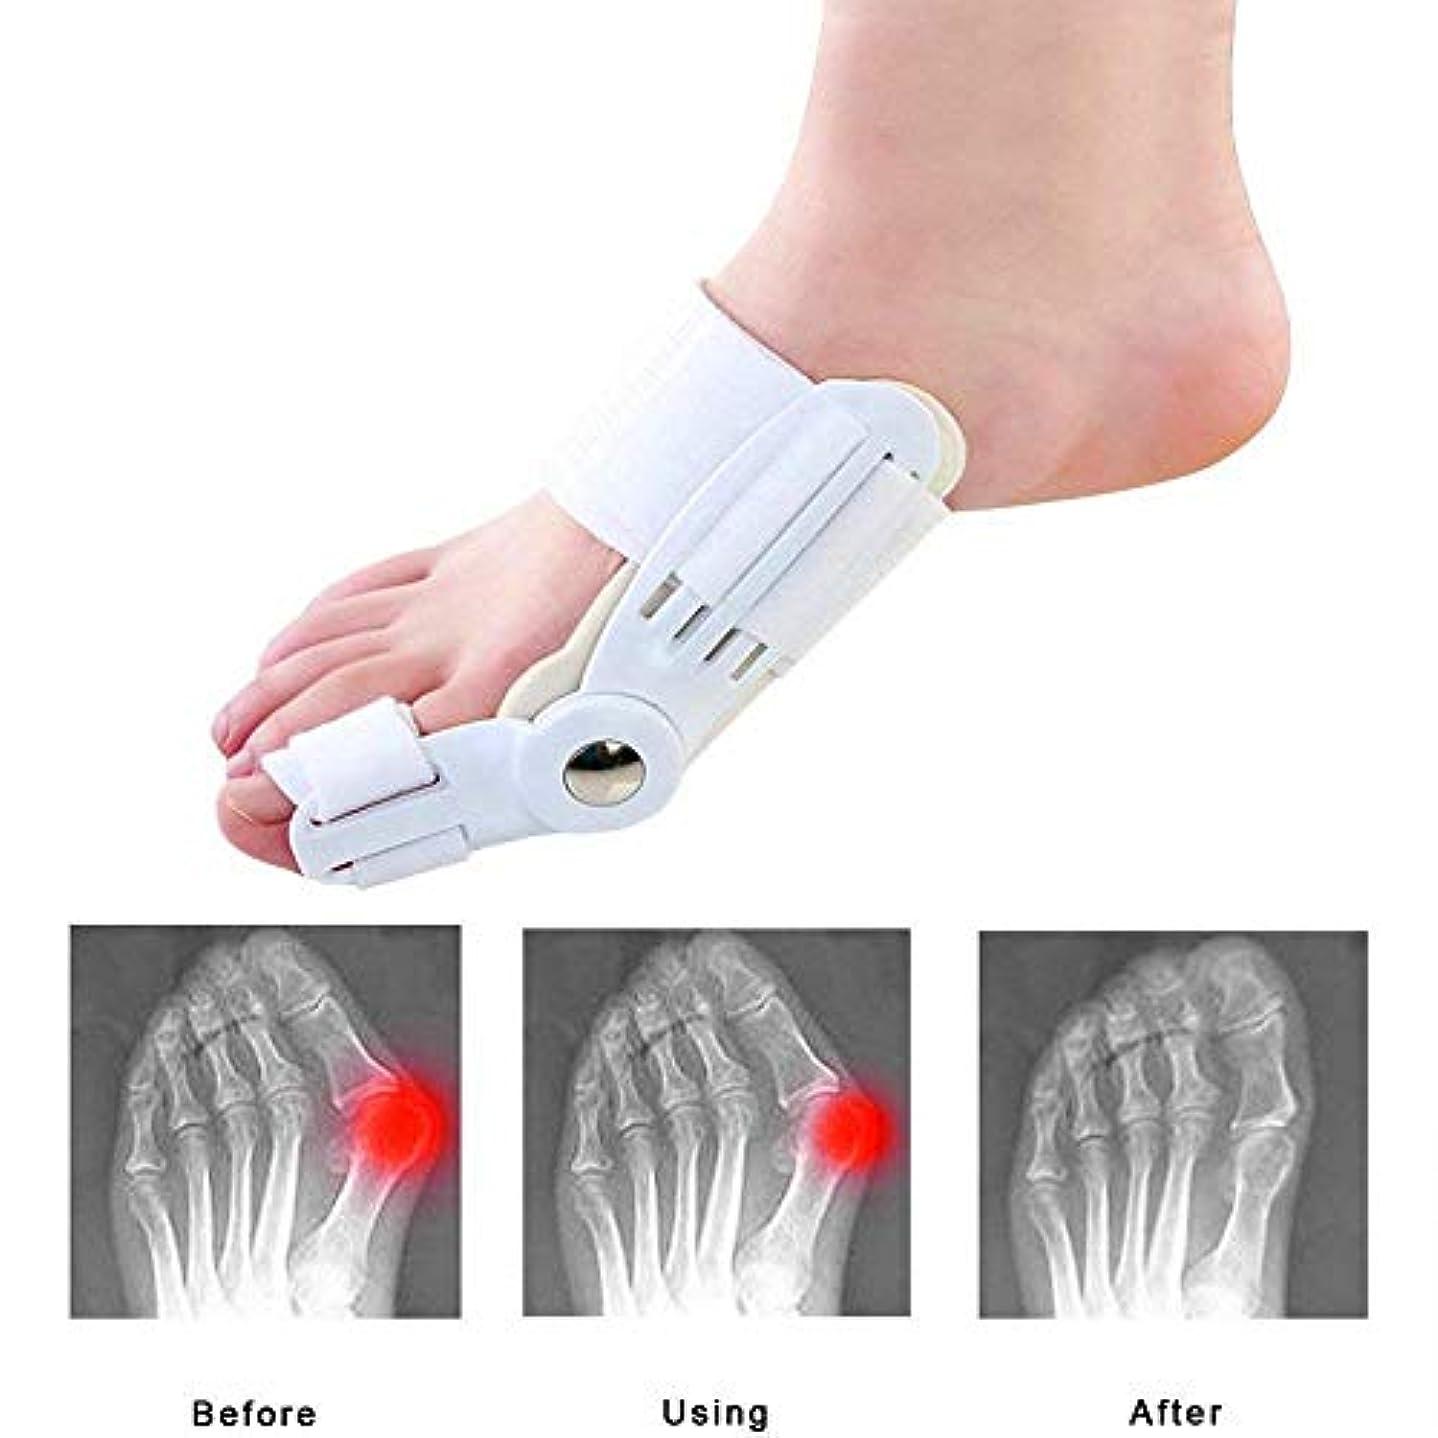 測定可能ただマルクス主義者つま先のセパレーターと矯正、外反母A援助スプリント、痛みを軽減する腱膜瘤補正、ウォーキングトゥアライナー2 PCSを毎日使用